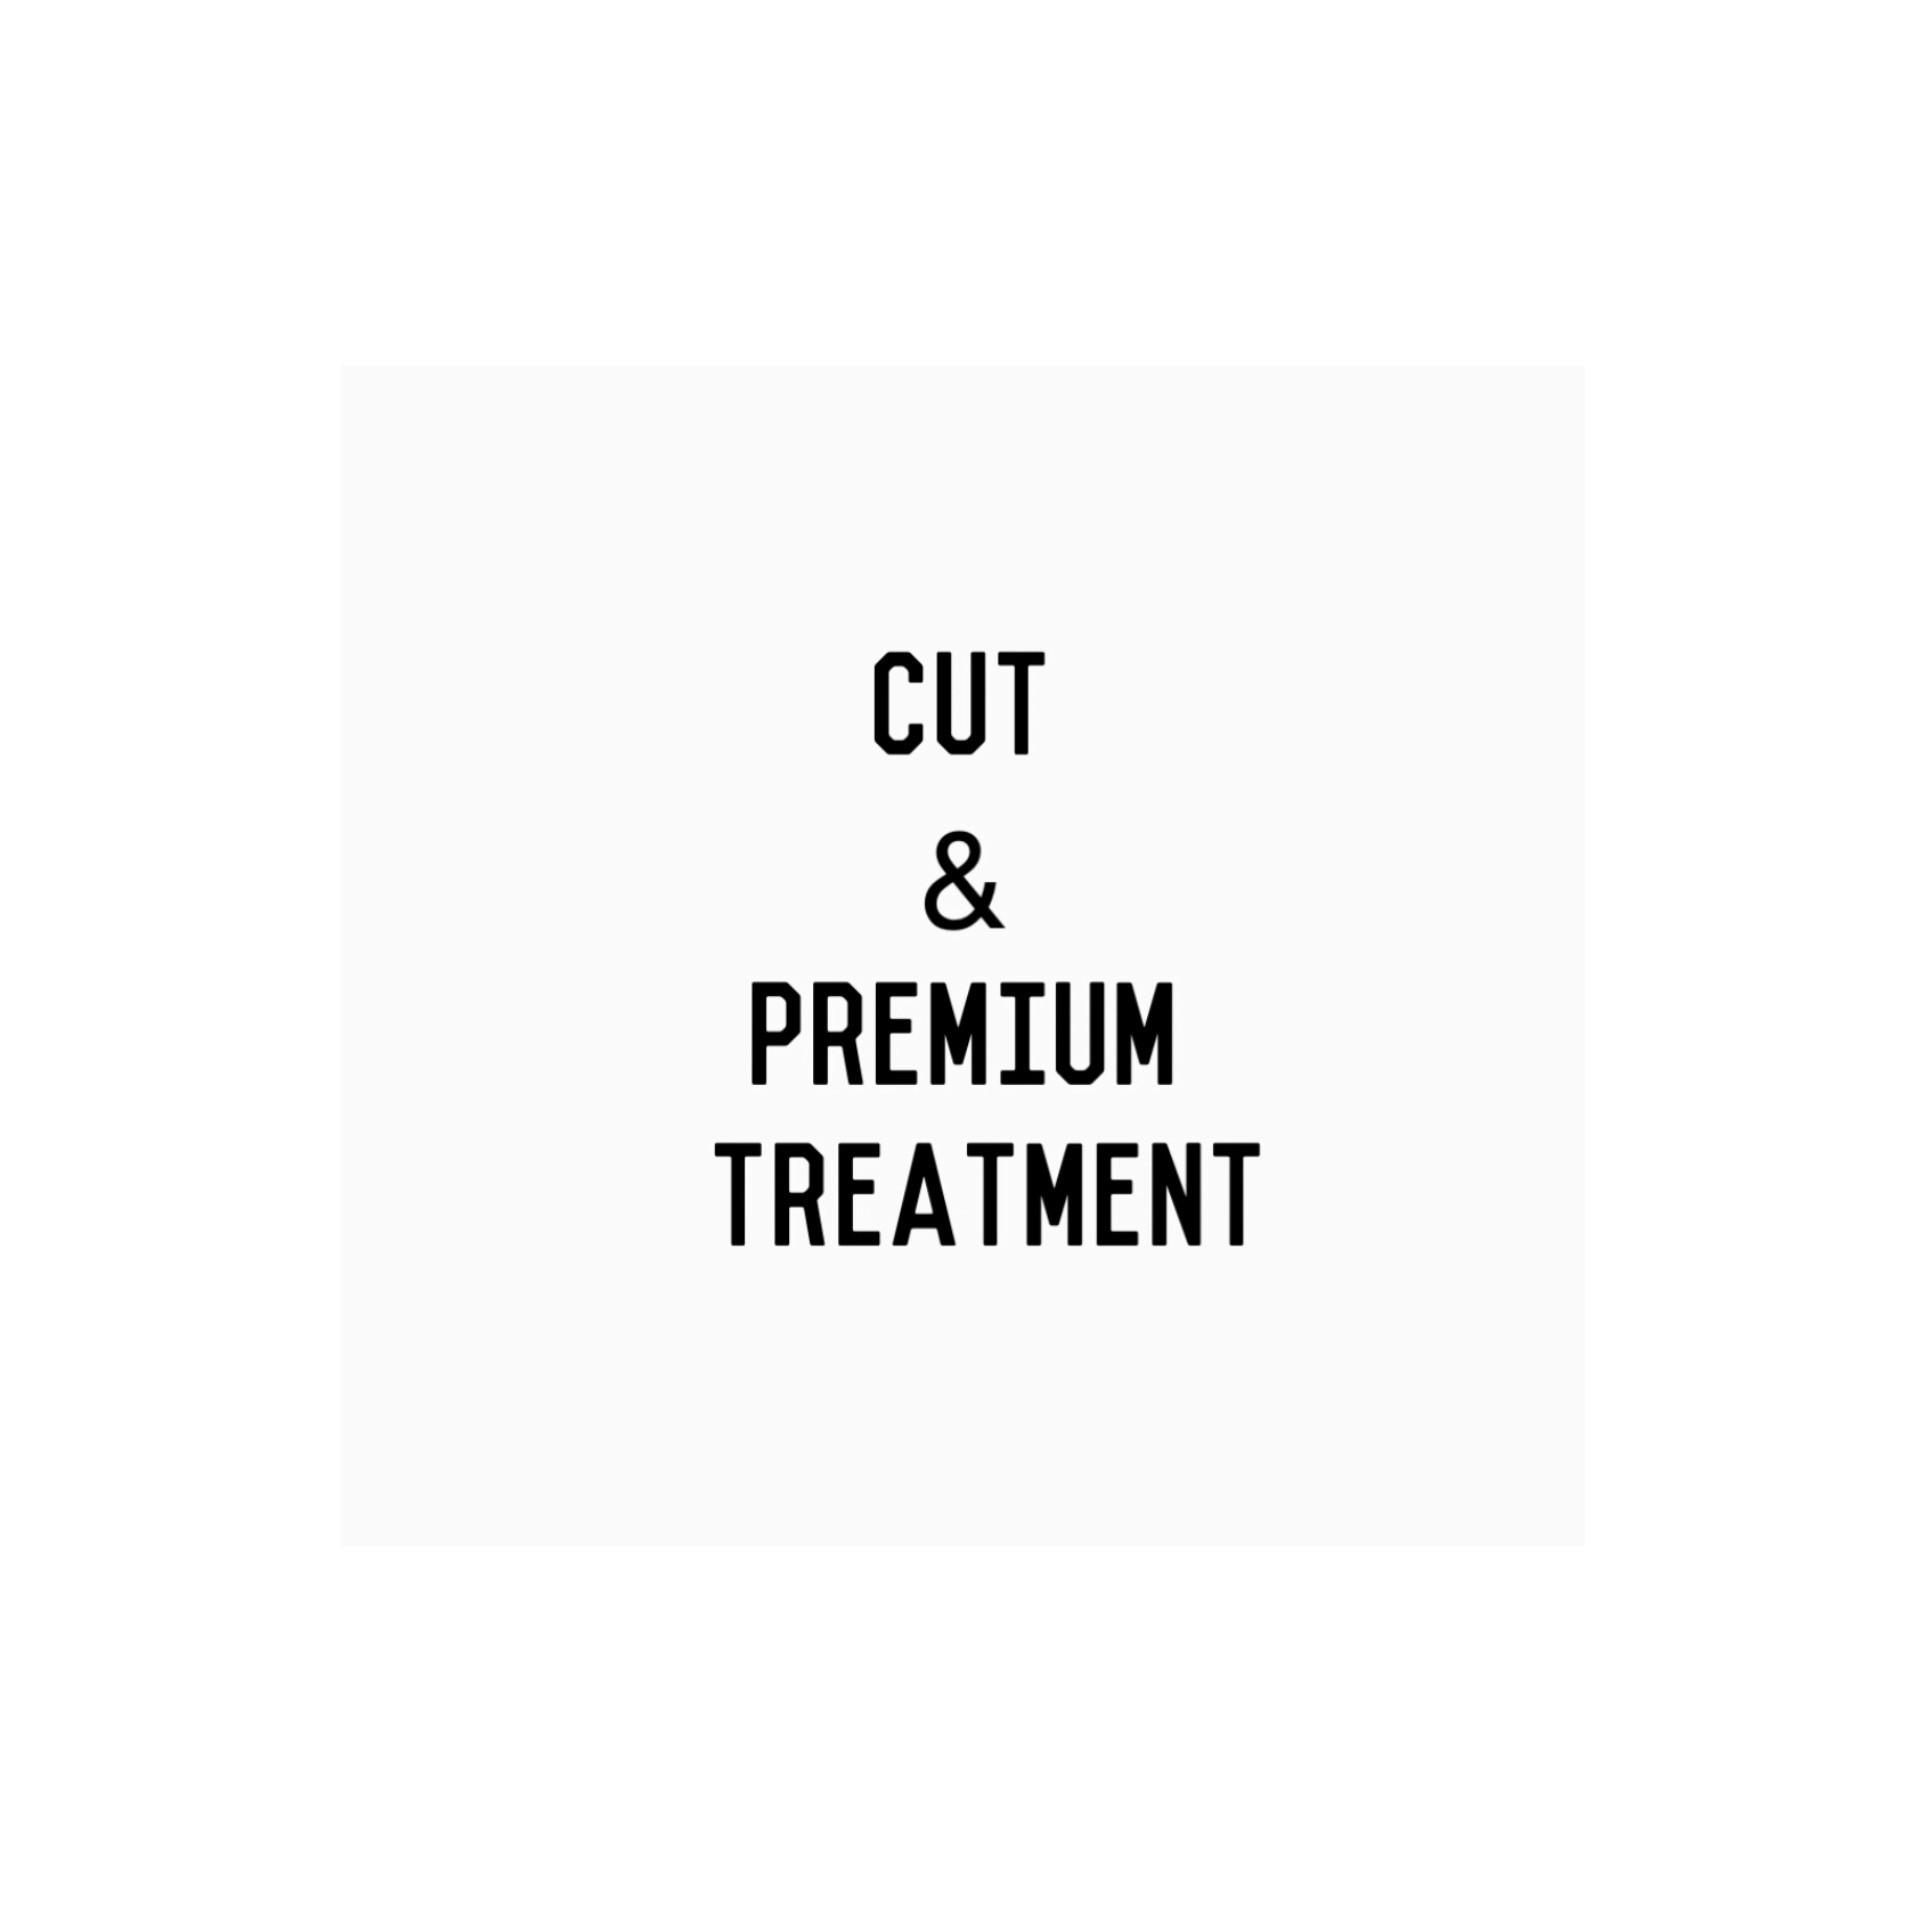 Cut & Premium Treatment